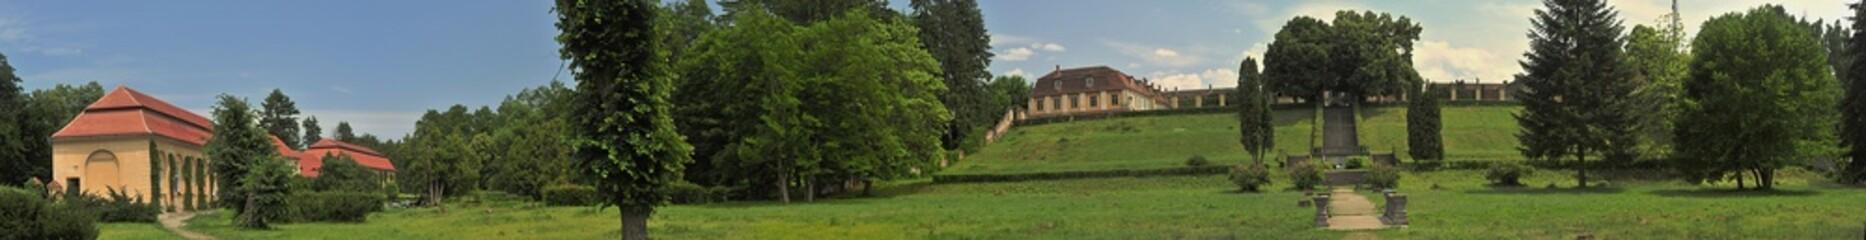 Sommerpalast des Samuel von Brukenthal